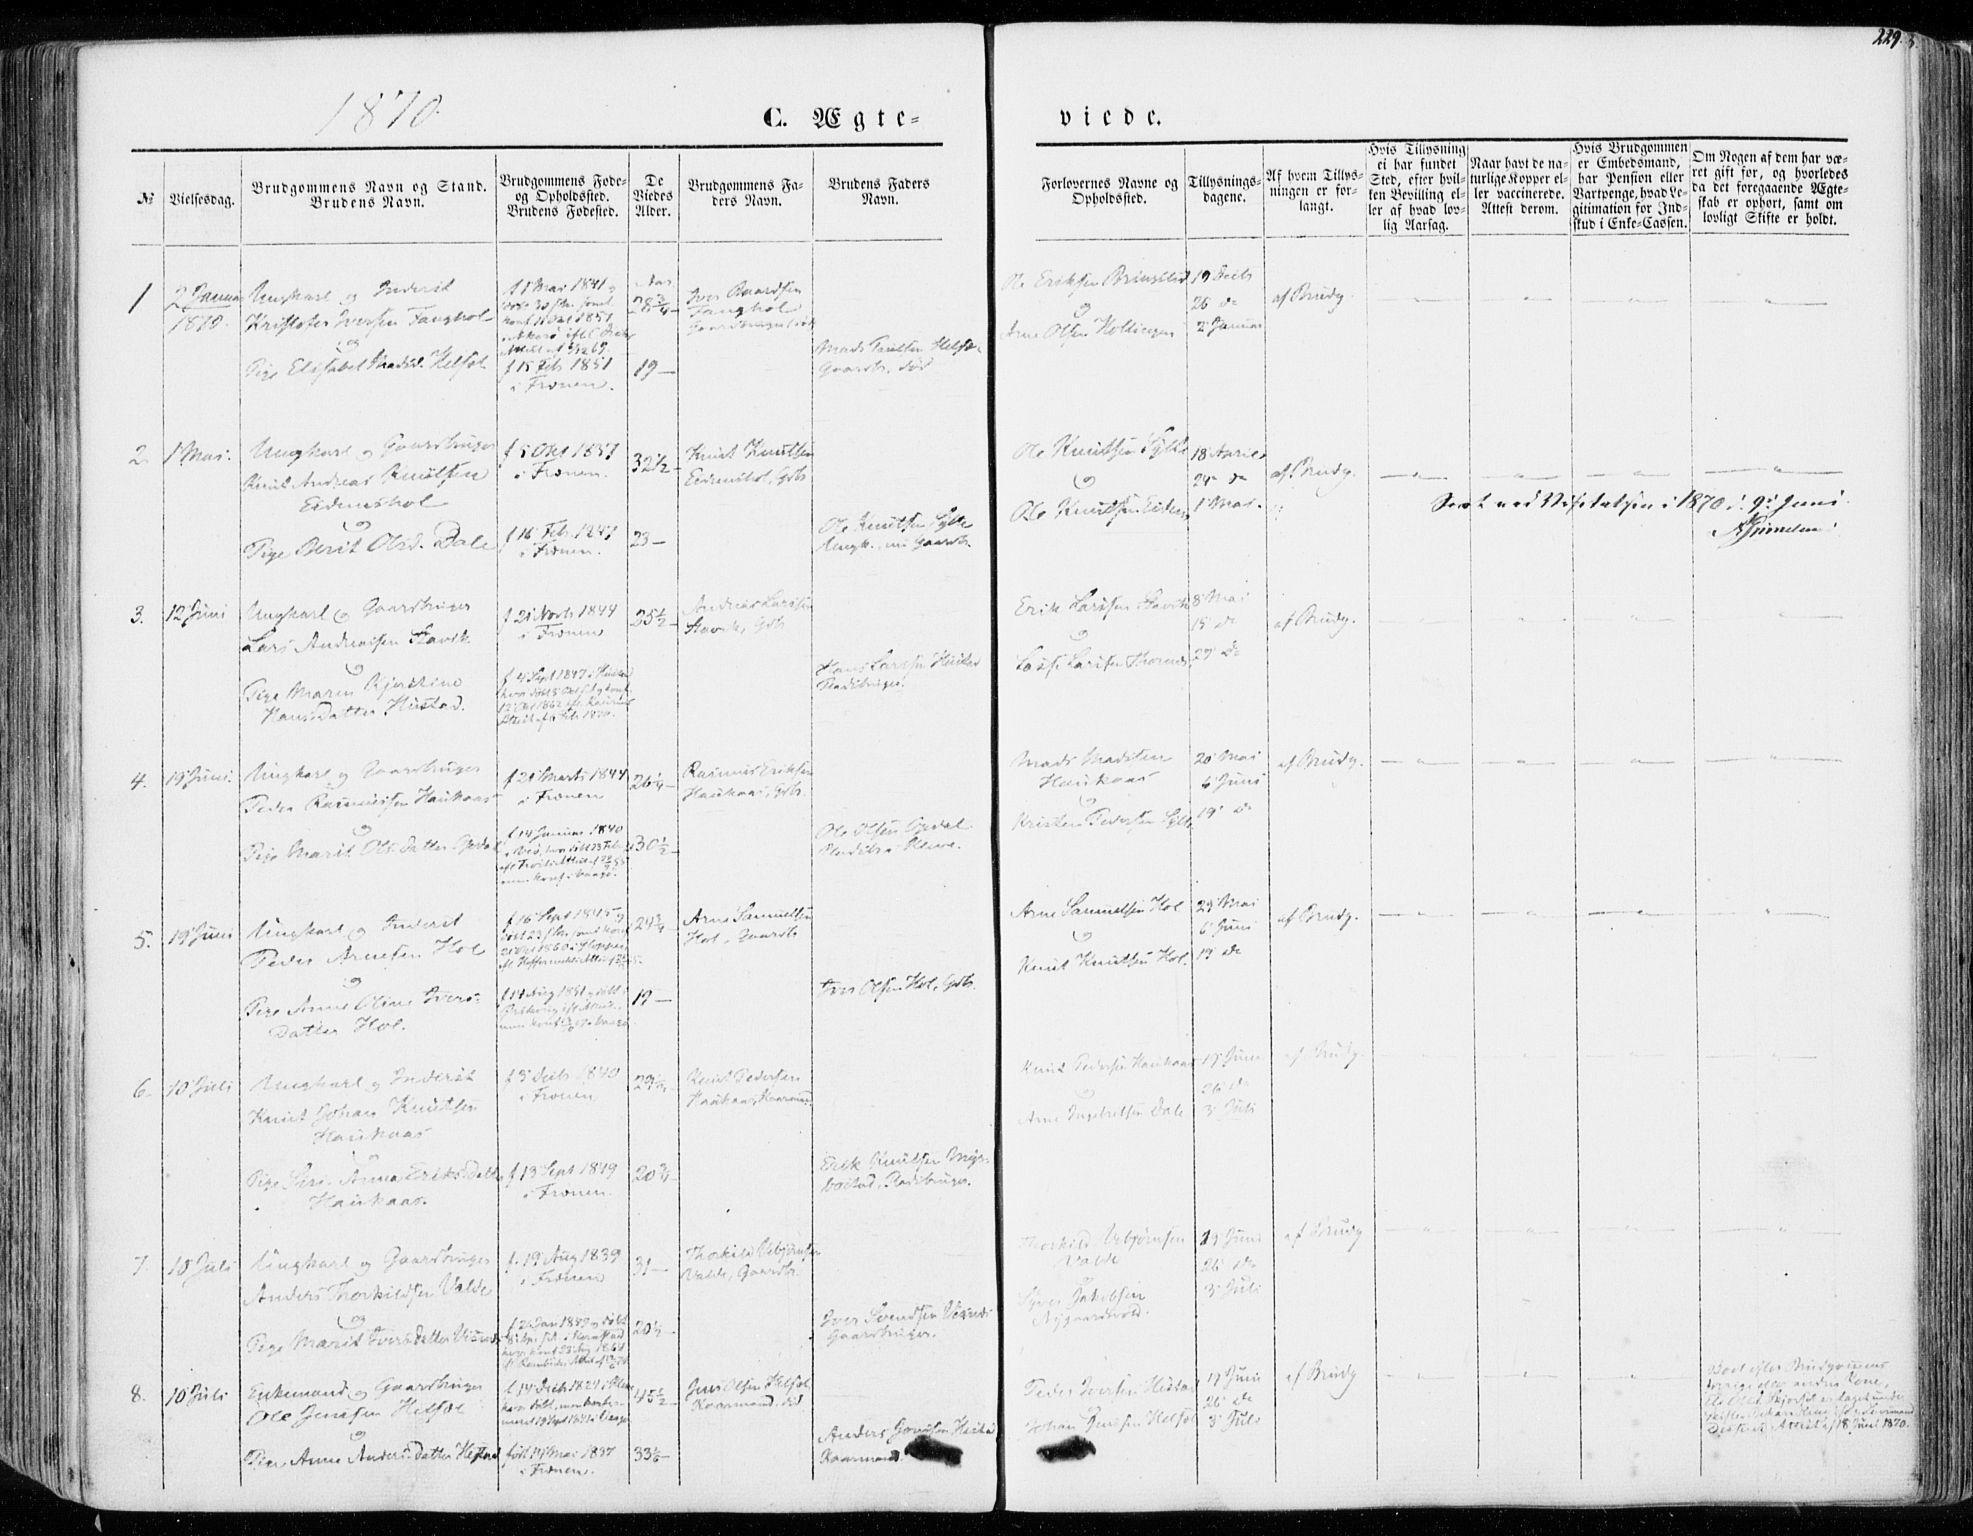 SAT, Ministerialprotokoller, klokkerbøker og fødselsregistre - Møre og Romsdal, 565/L0748: Ministerialbok nr. 565A02, 1845-1872, s. 229